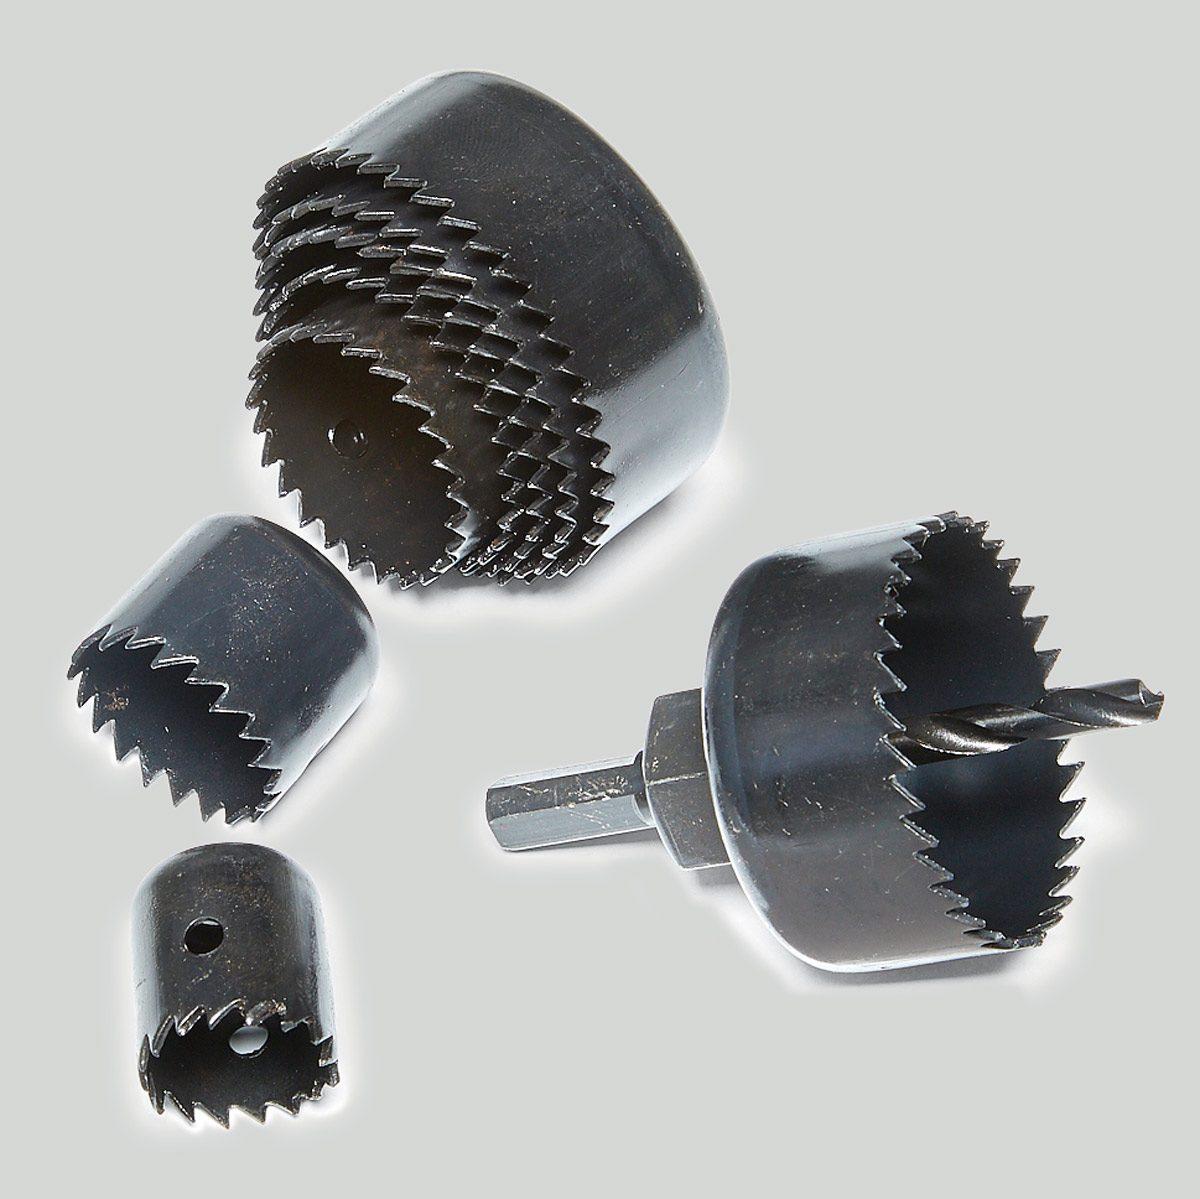 hole saw kits